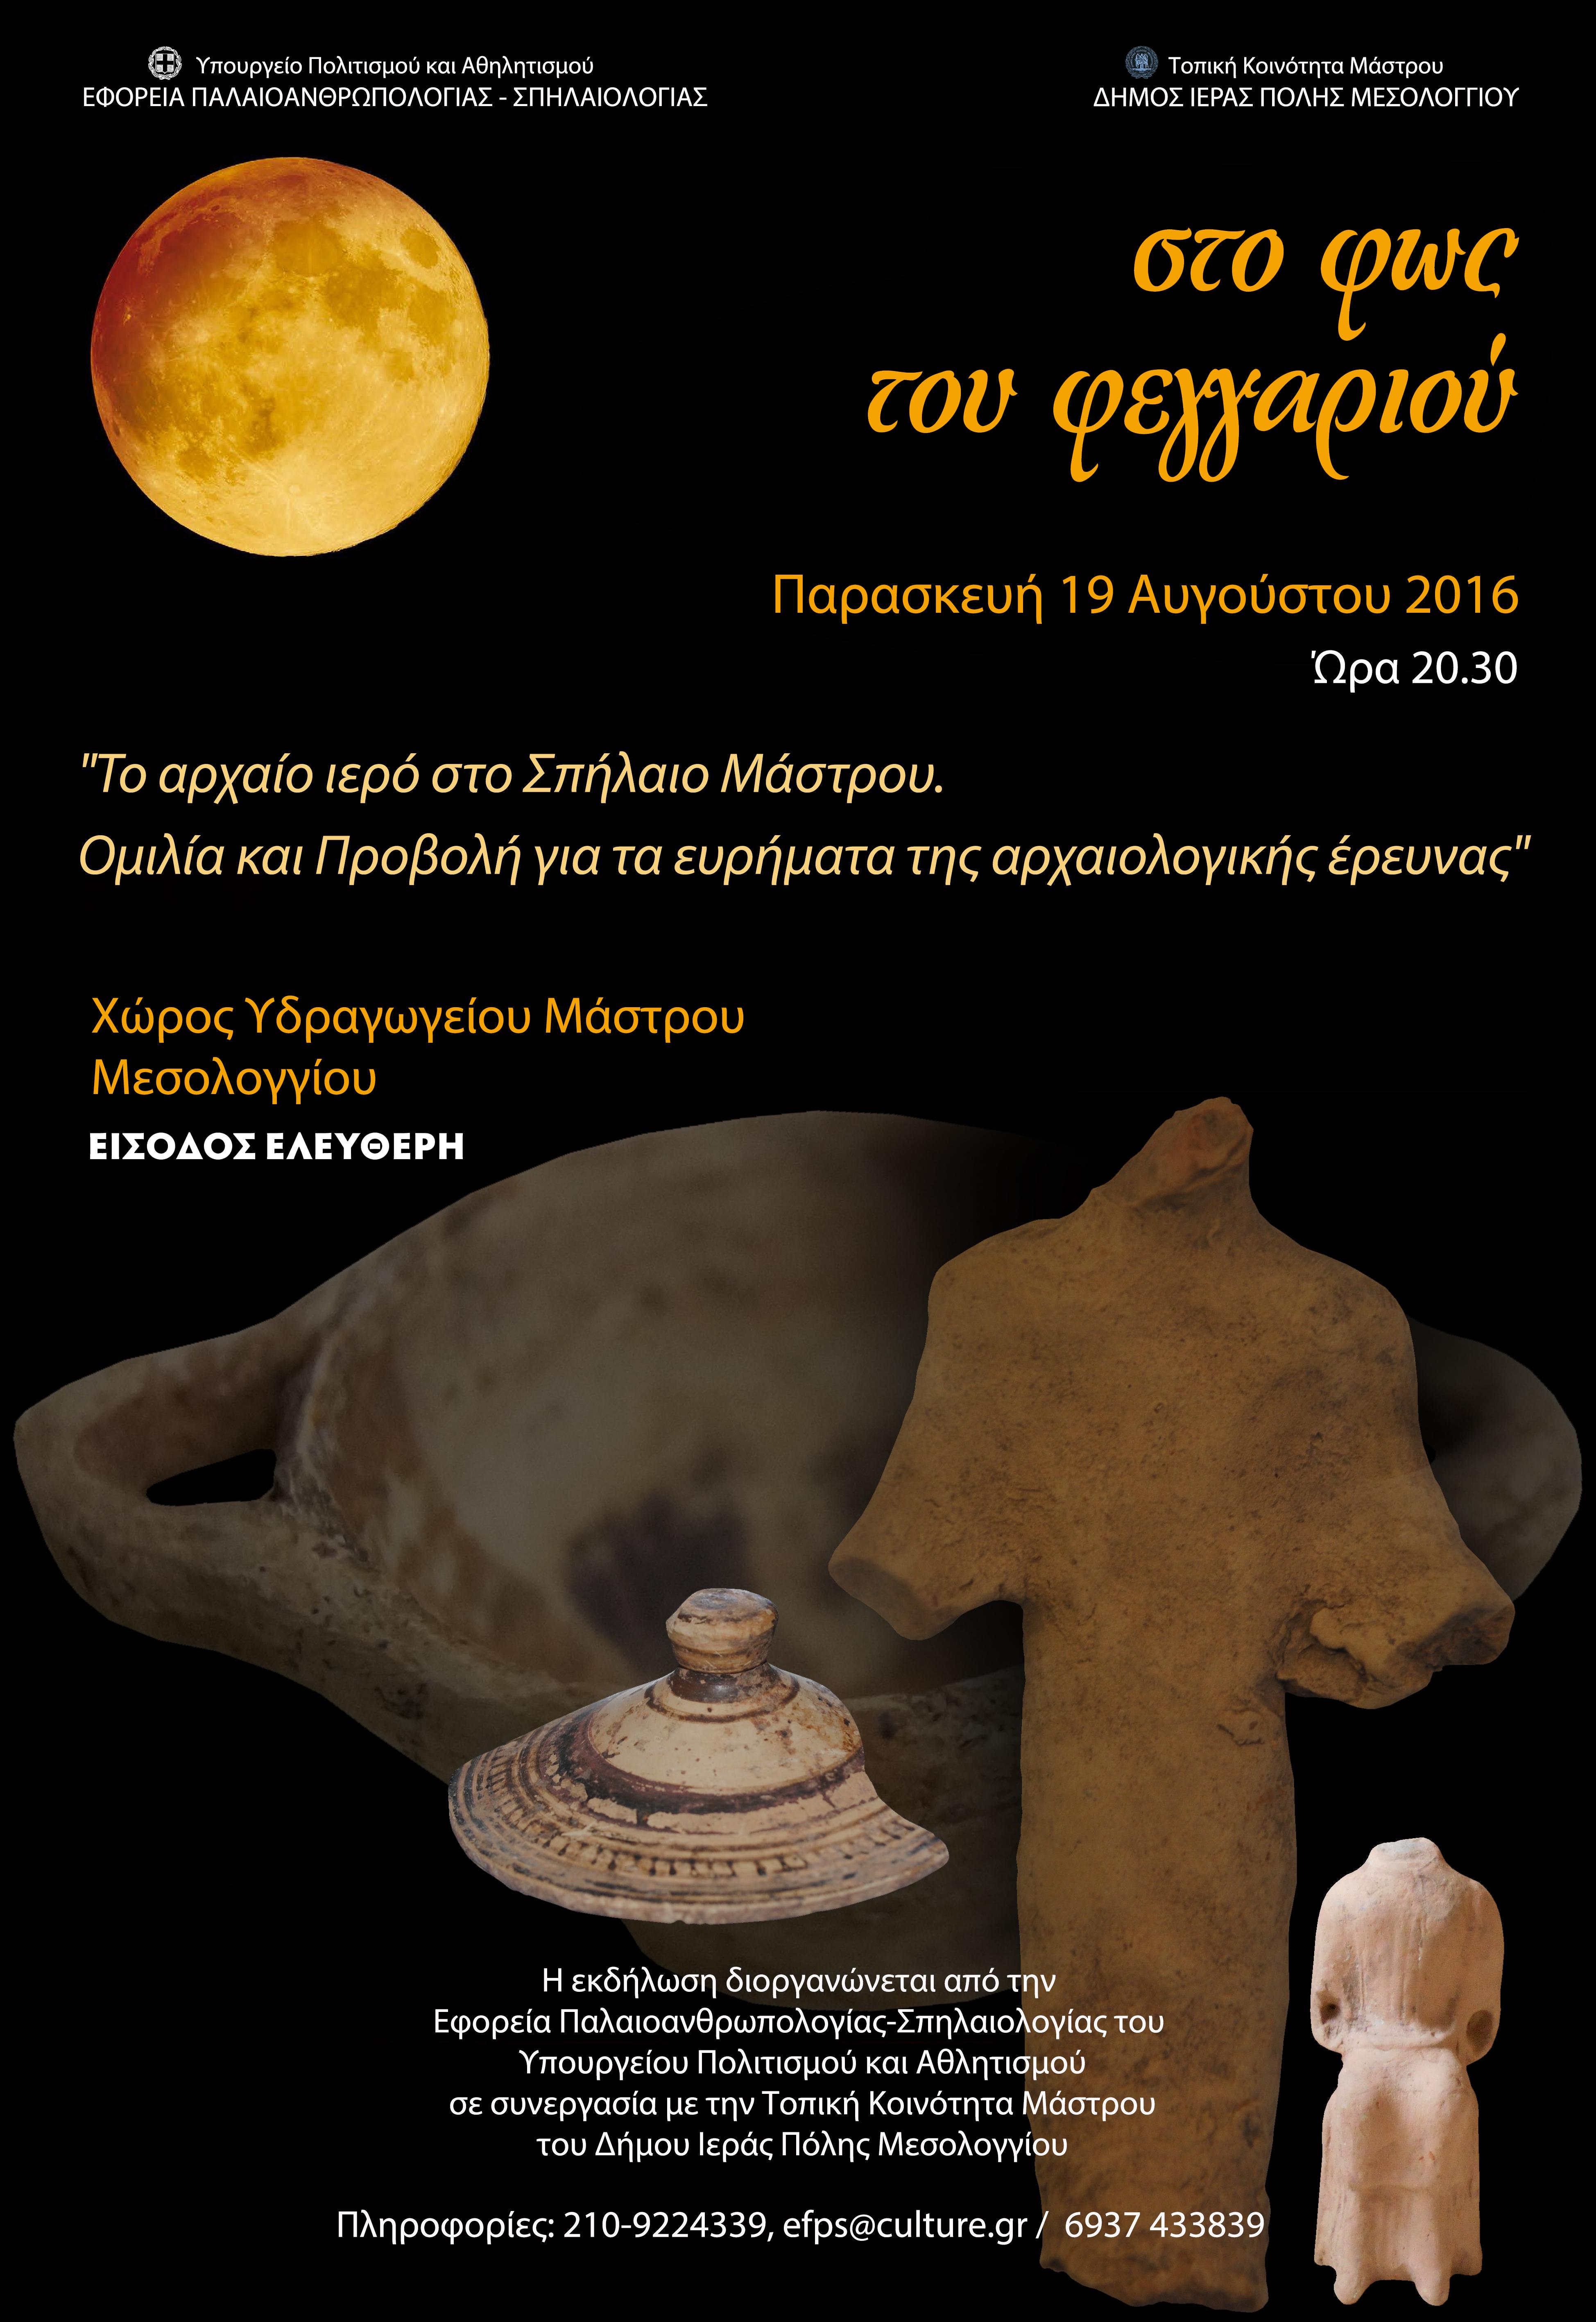 Μάστρο 19-8-Εφ. Σπηλαιολογίας-αφίσα